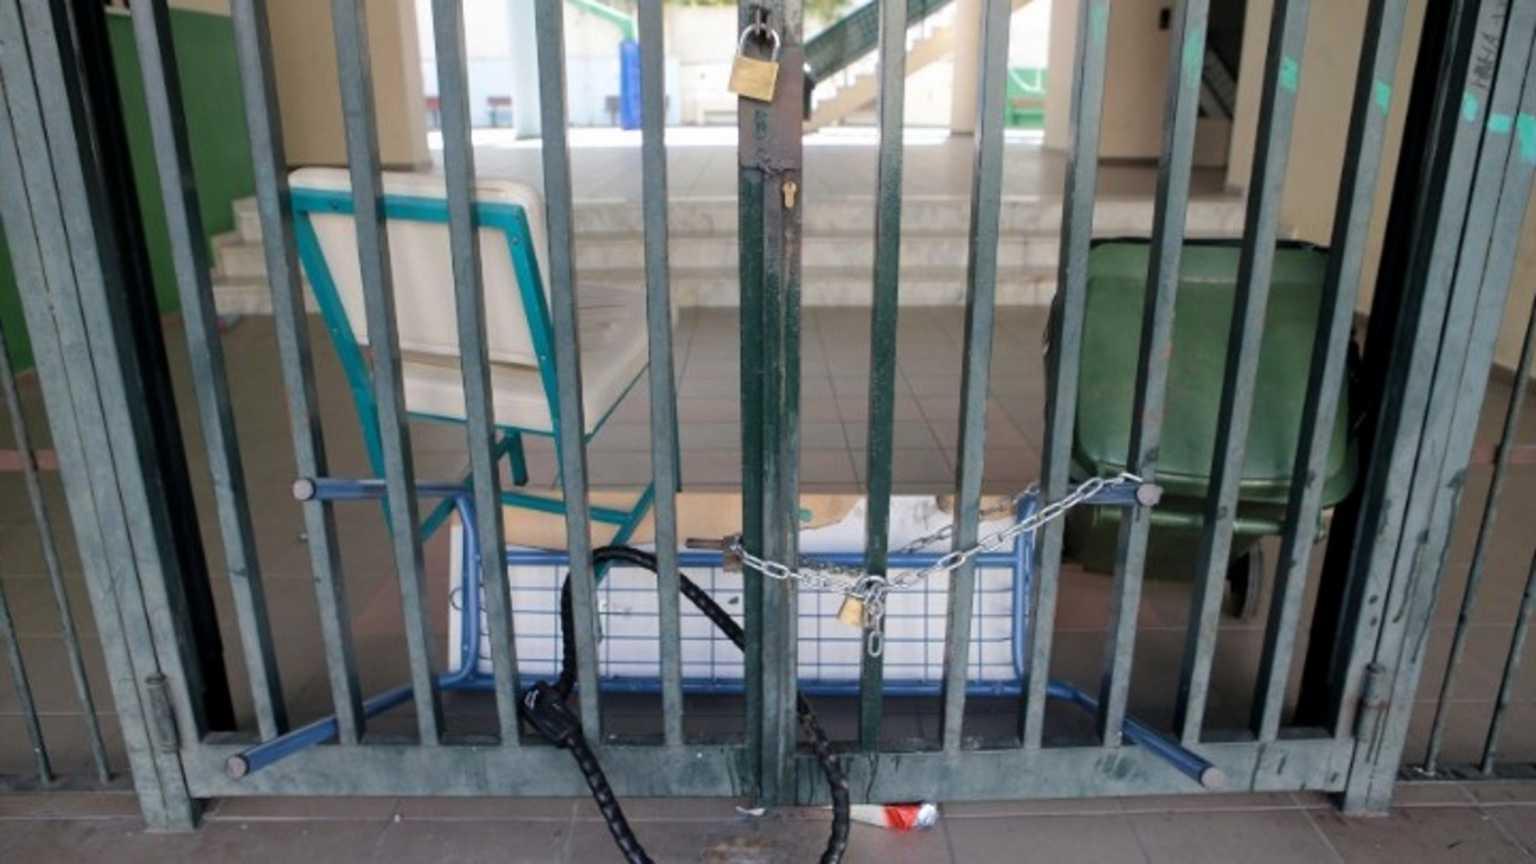 Κορωνοϊός – Ιεράπετρα: Έκλεισαν δυο λύκεια λόγω κρούσματος – Μαθητές αποφάσισαν να μείνουν σπίτι